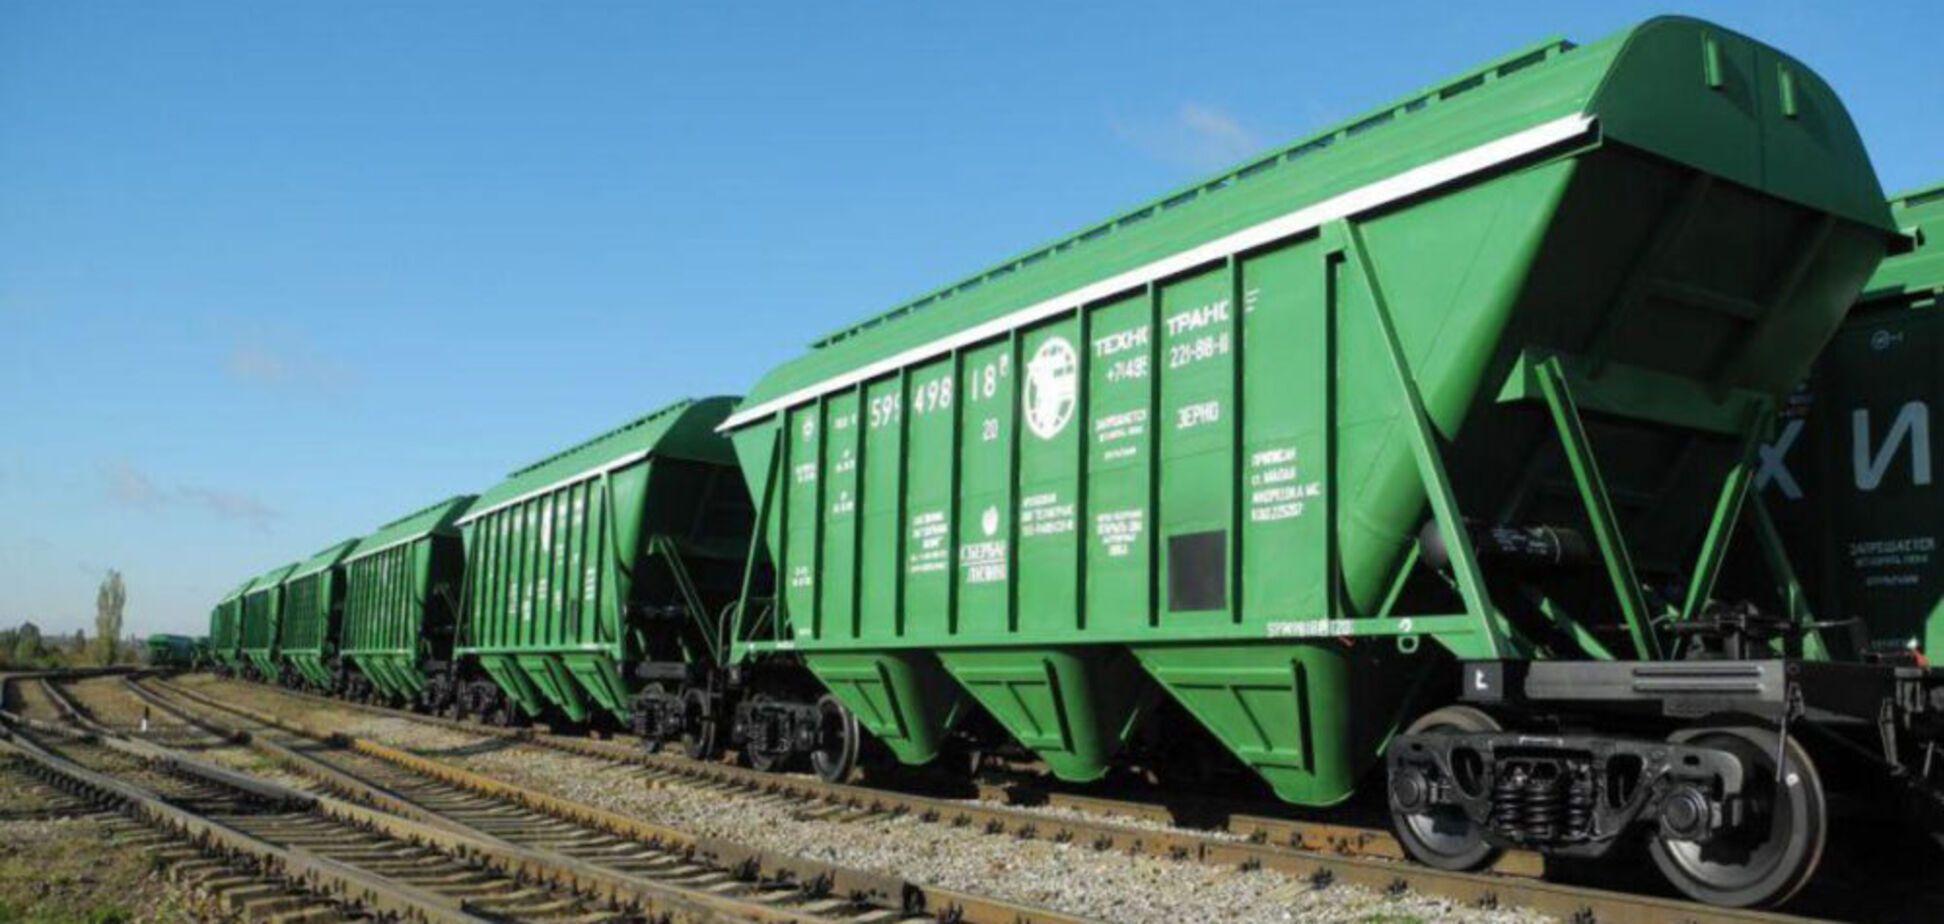 Дефицит вагонов приведет к катастрофическому срыву отгрузки сырья и готовой продукции.